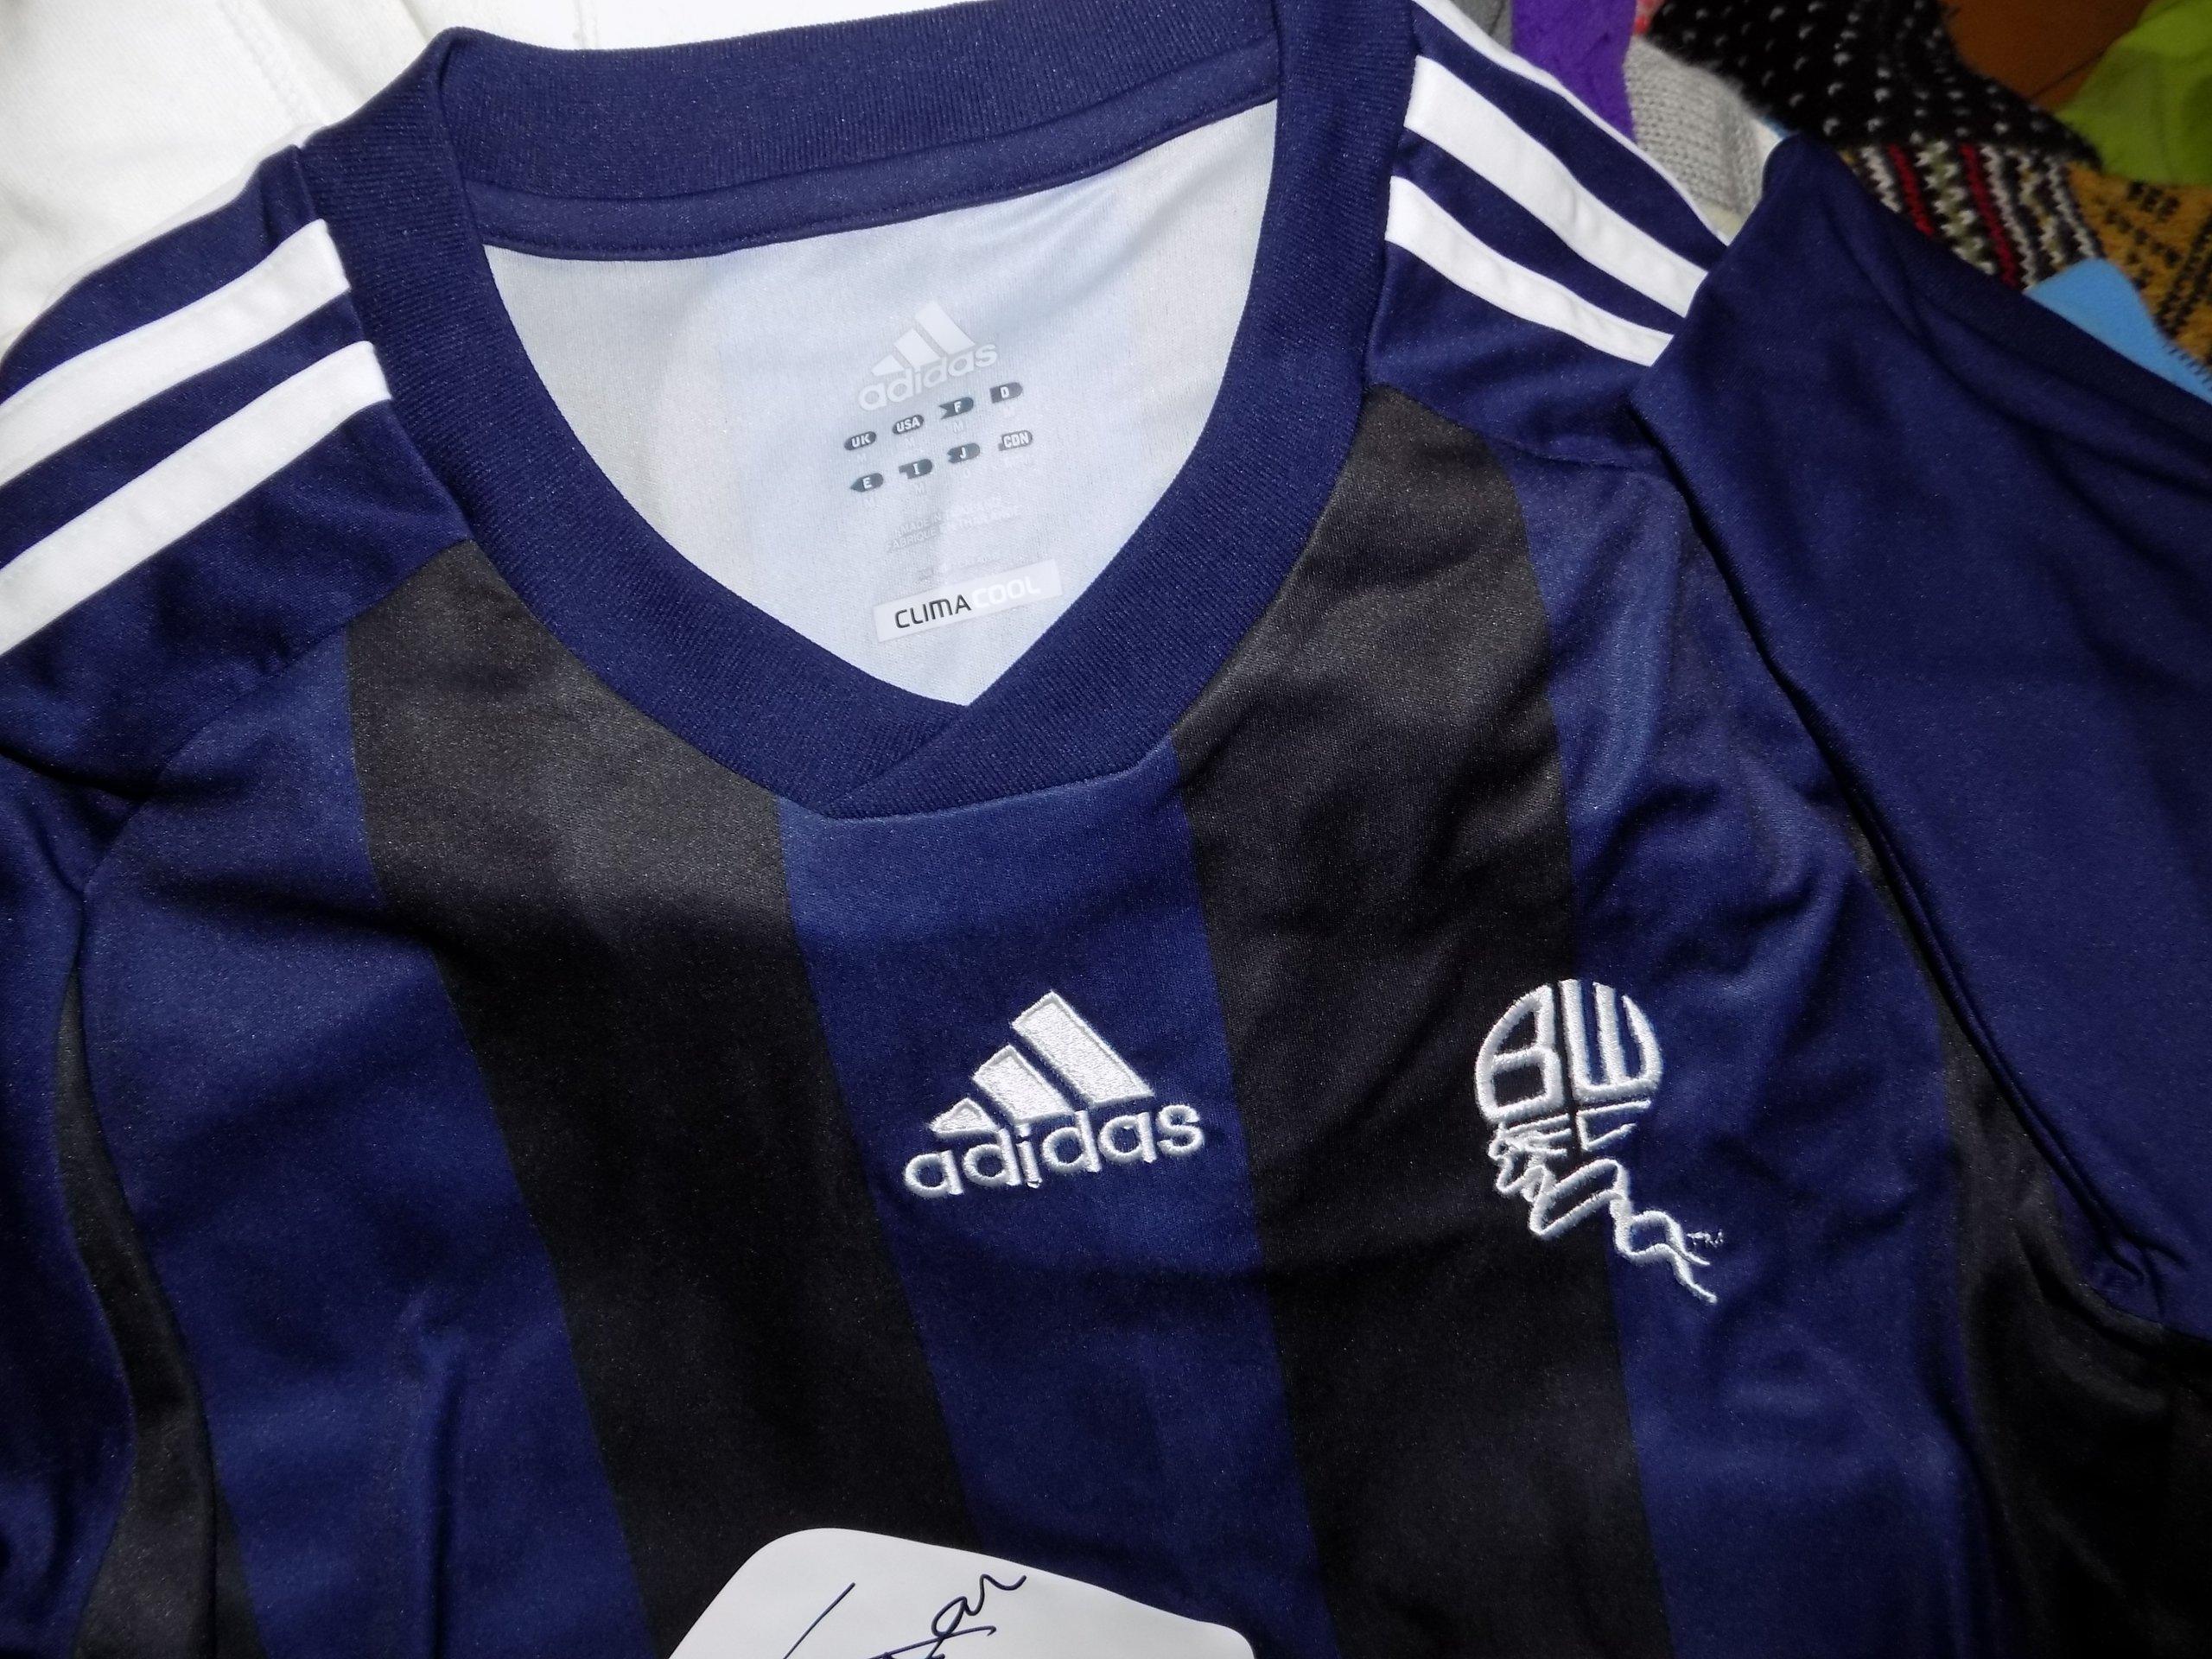 Adidas Bolton Wanderers koszulka męska klubowa M